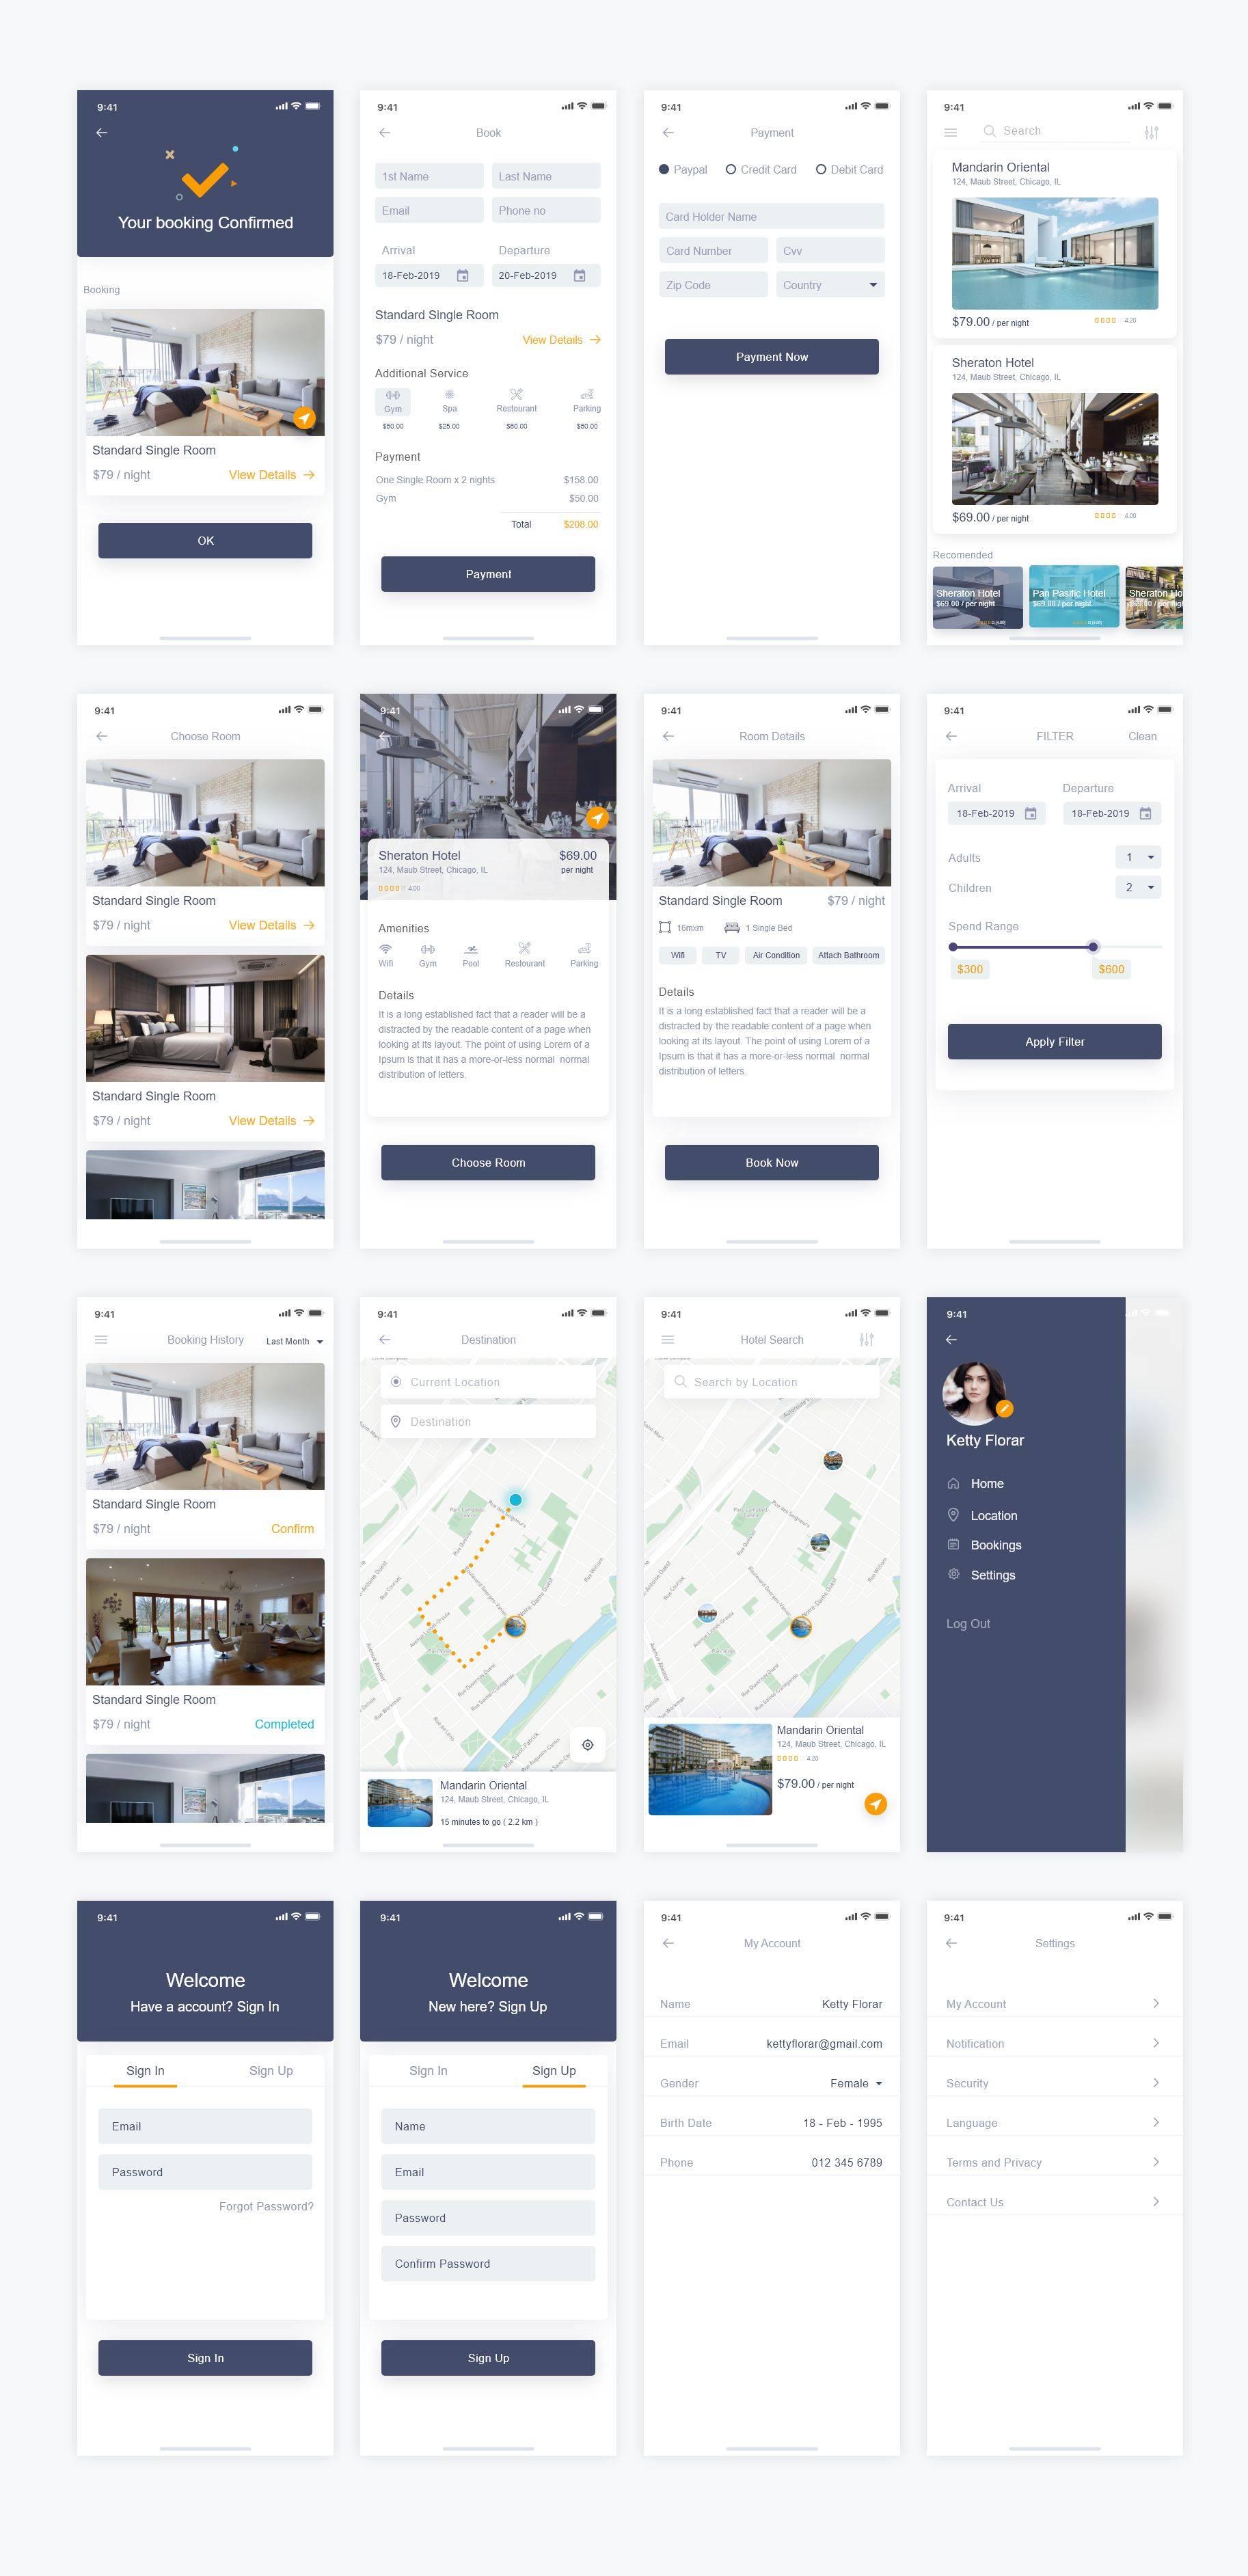 酒店预订app ui界面设计 .xd素材下载 界面-第1张